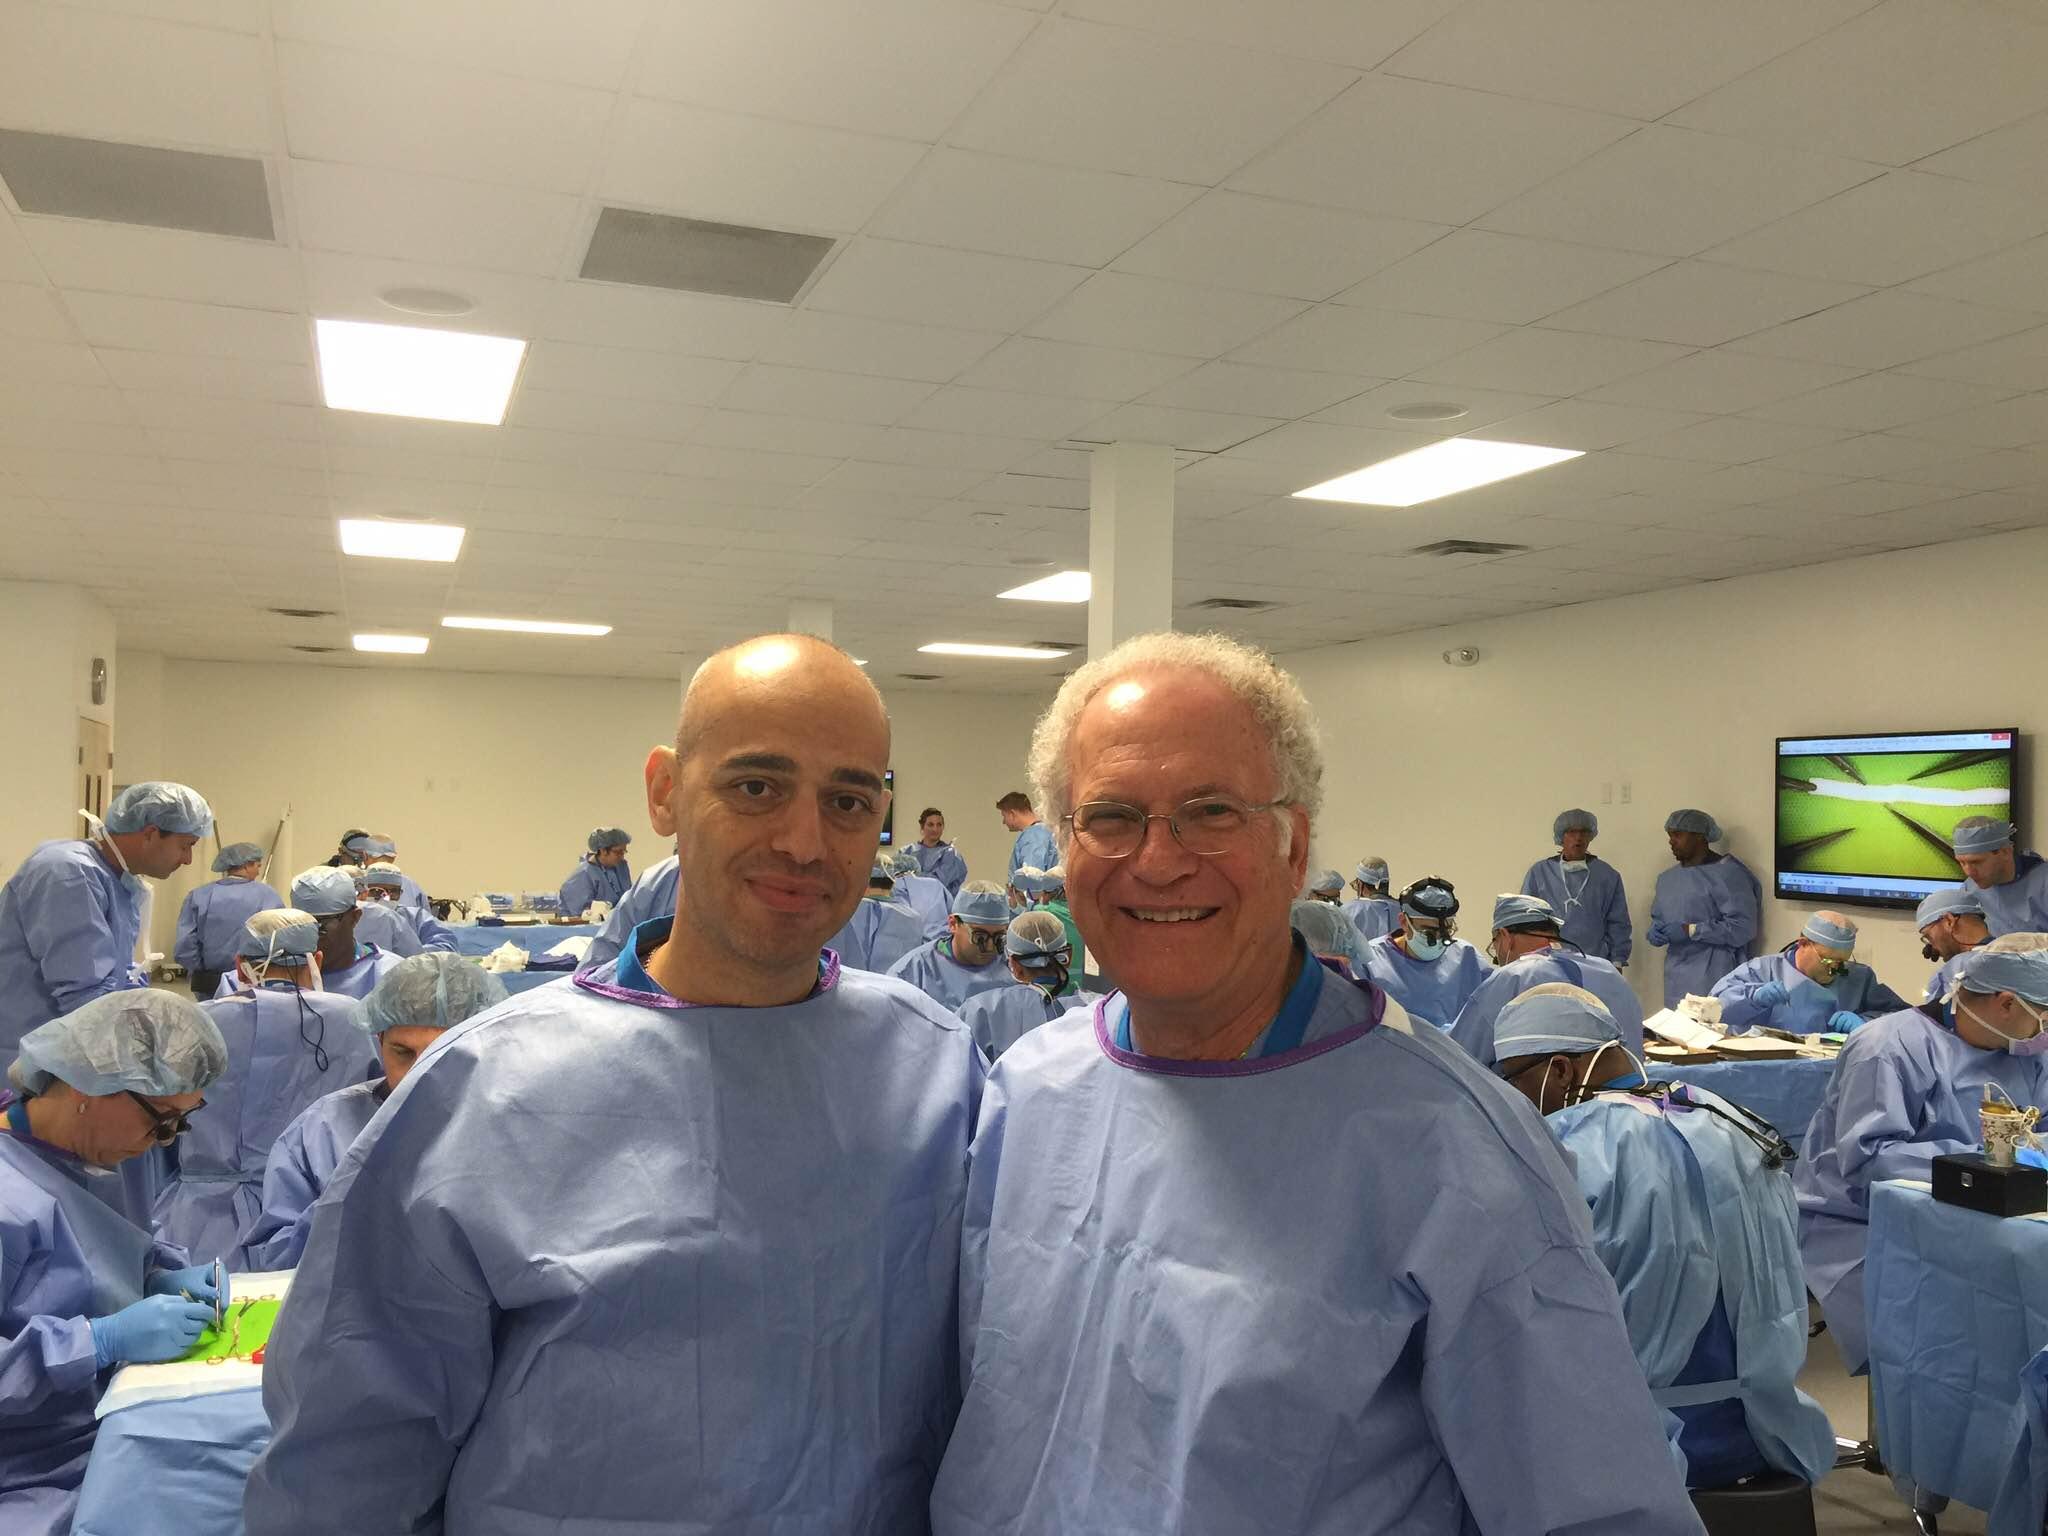 Dr. Bagheri and Dr. Meyer